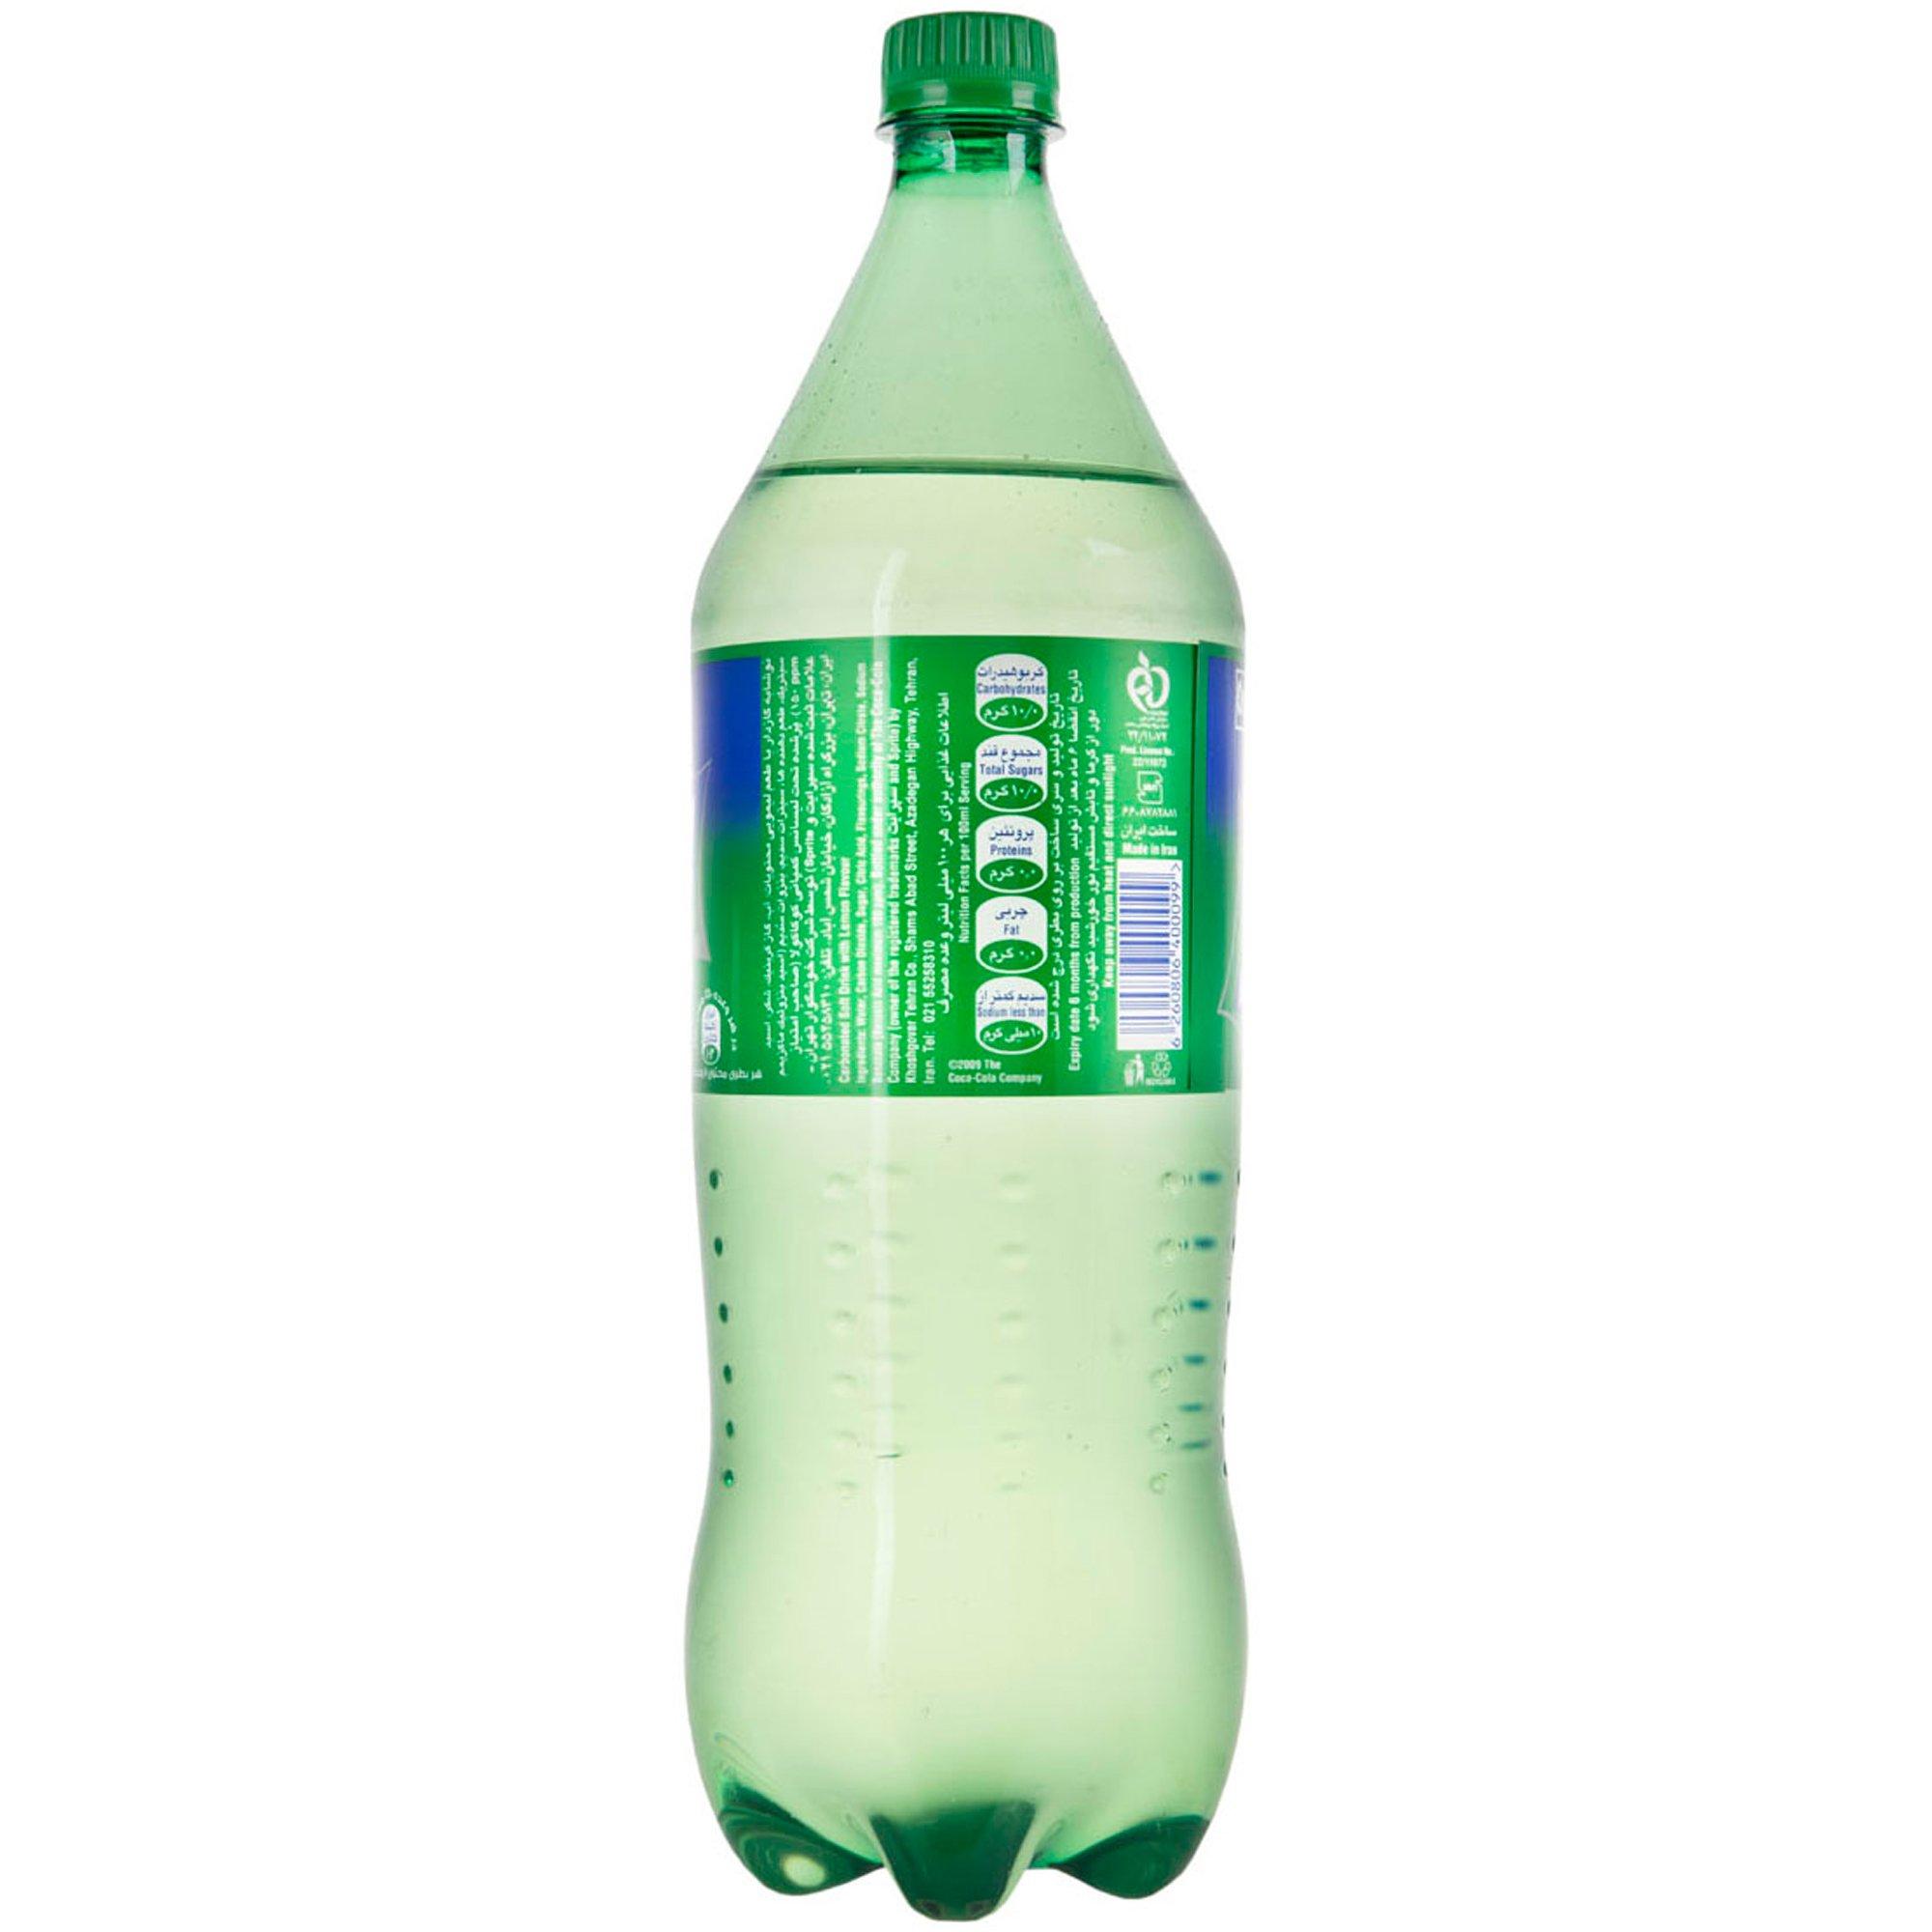 نوشابه گازدار با طعم لیمویی بطری اسپرایت ۱.۵ لیتری